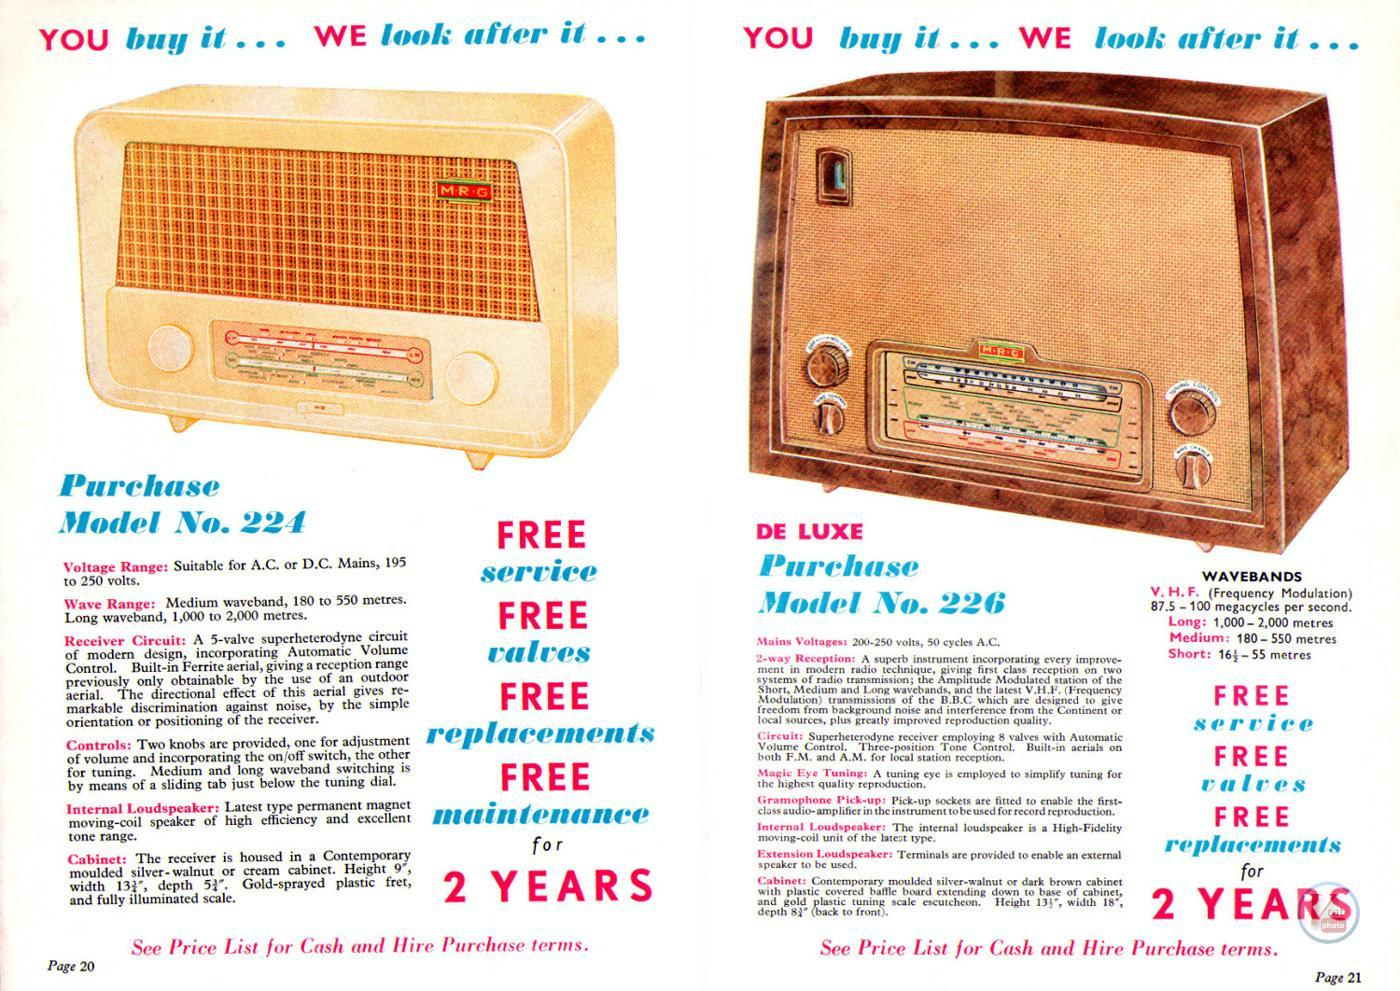 1957 Radio Rentals Catalogue 60